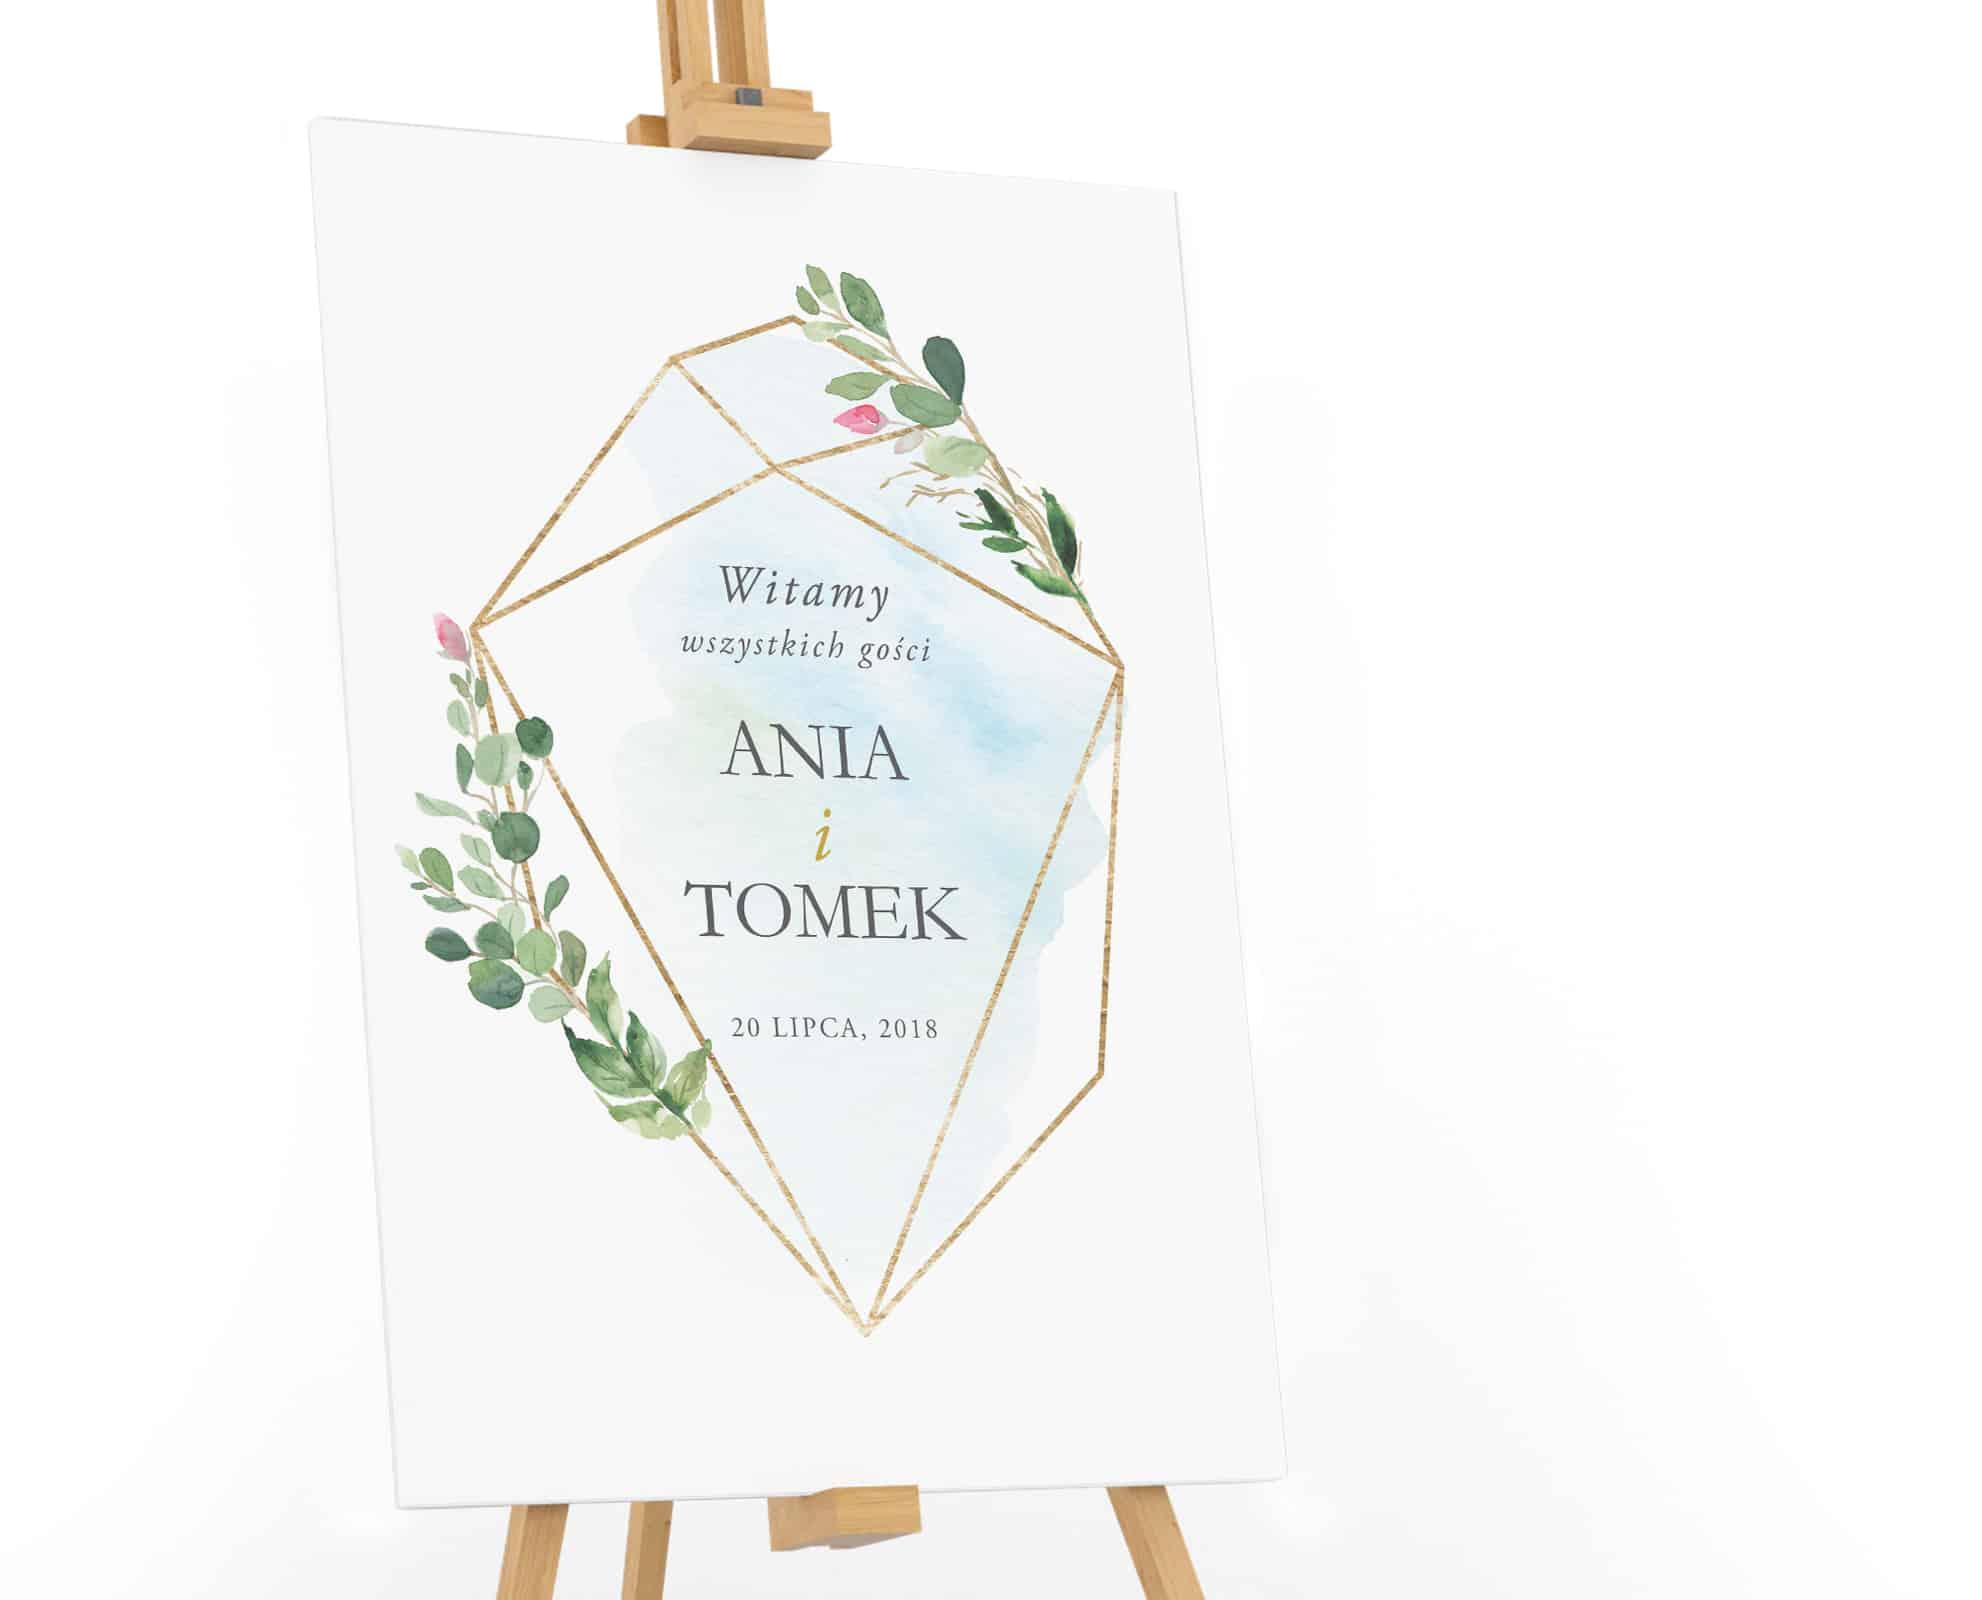 Tablica powitalna dla gości weselnych ze złotą figurą geometryczną i niebieskim tłem